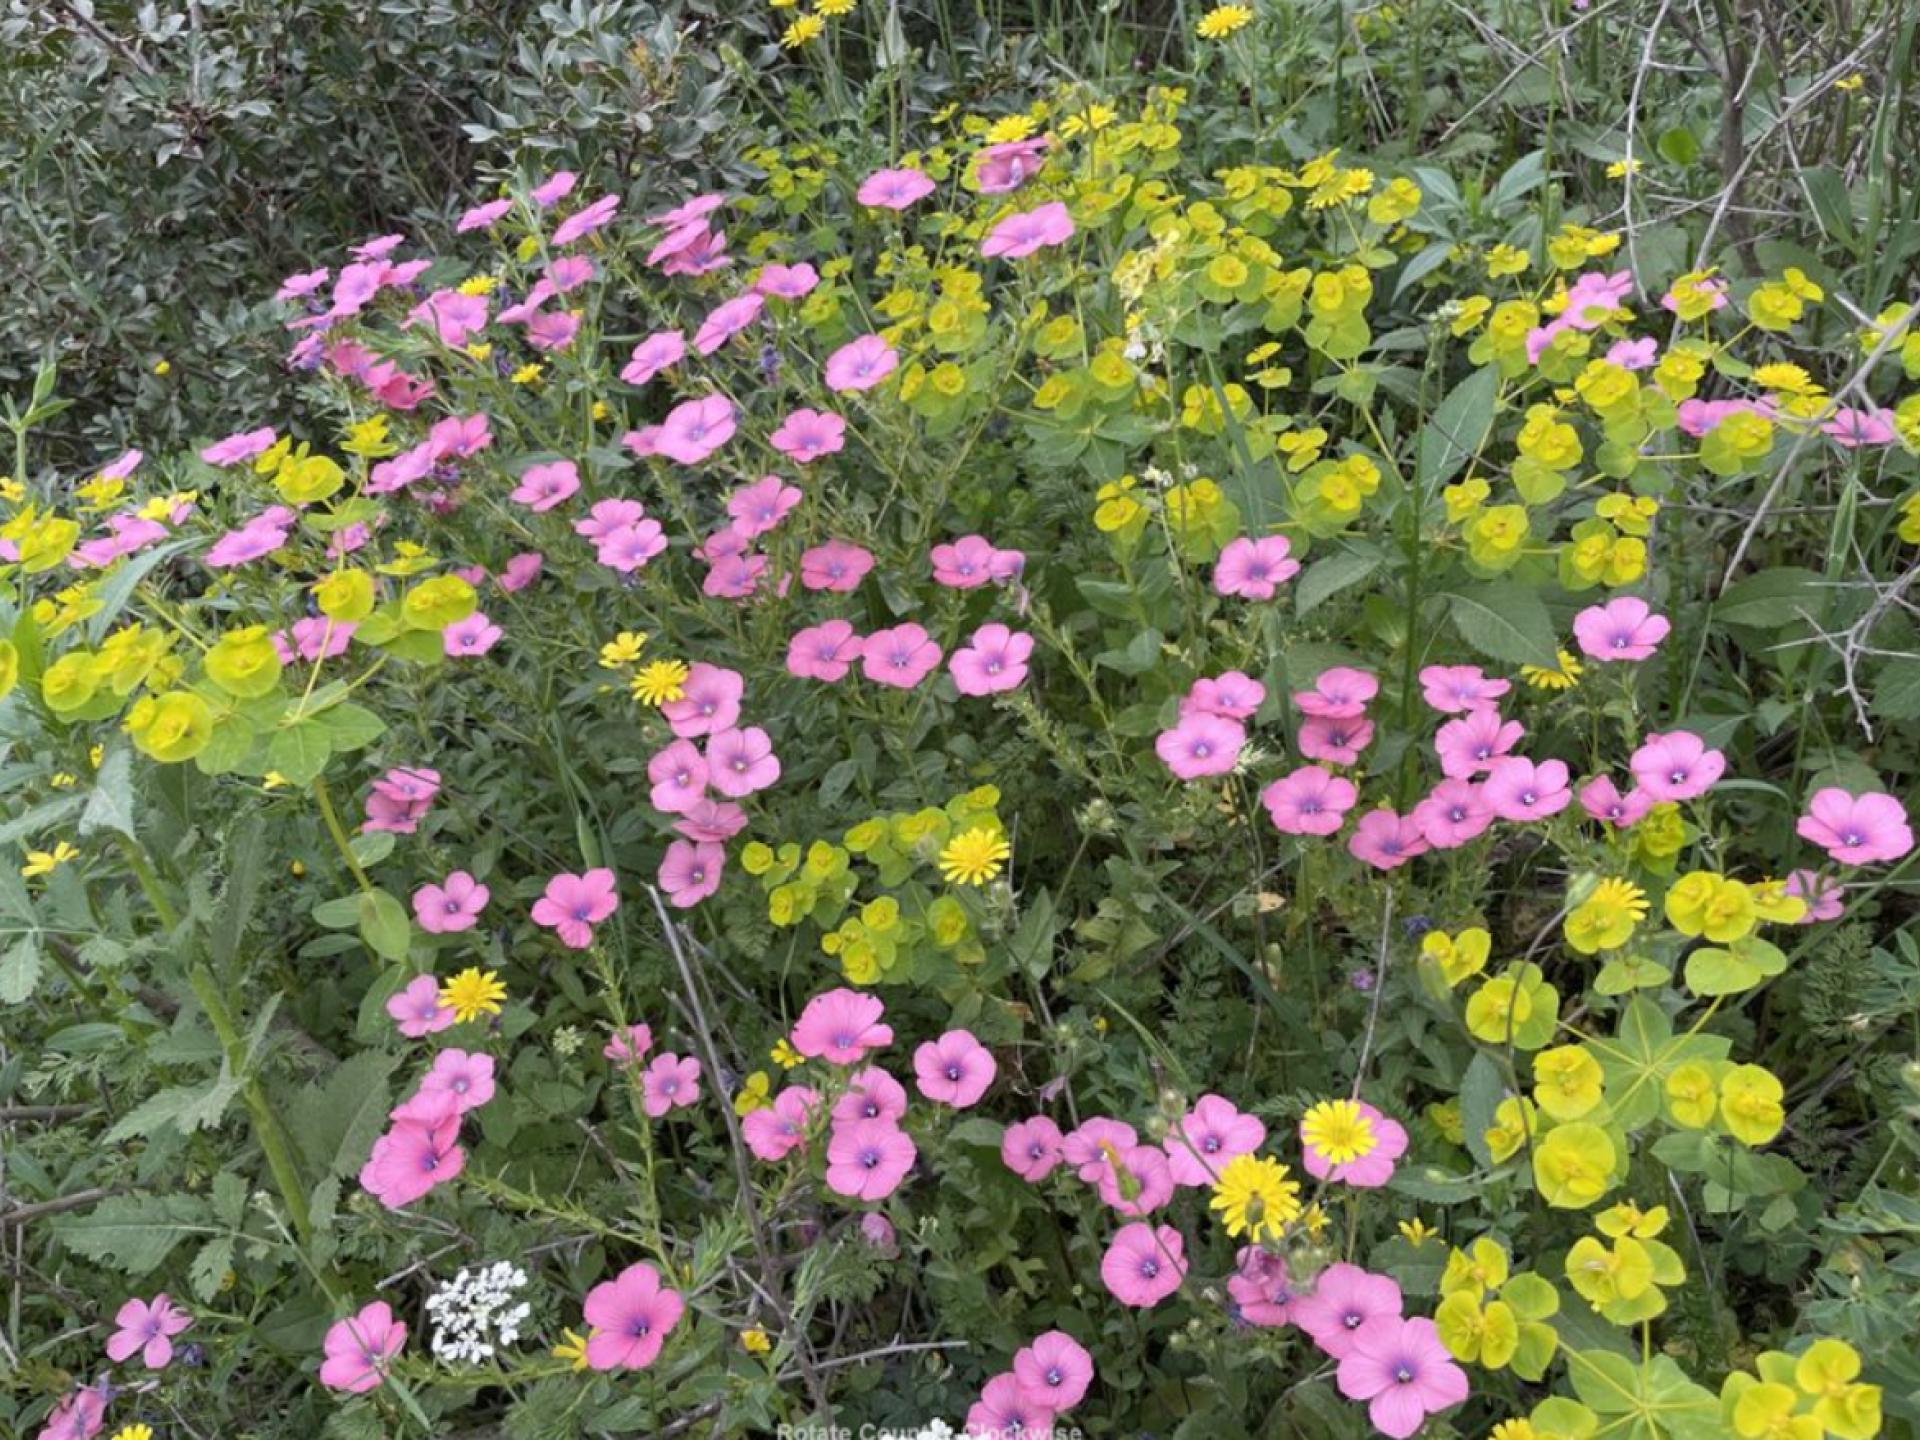 פרחי אביב צבעוניים בשטח